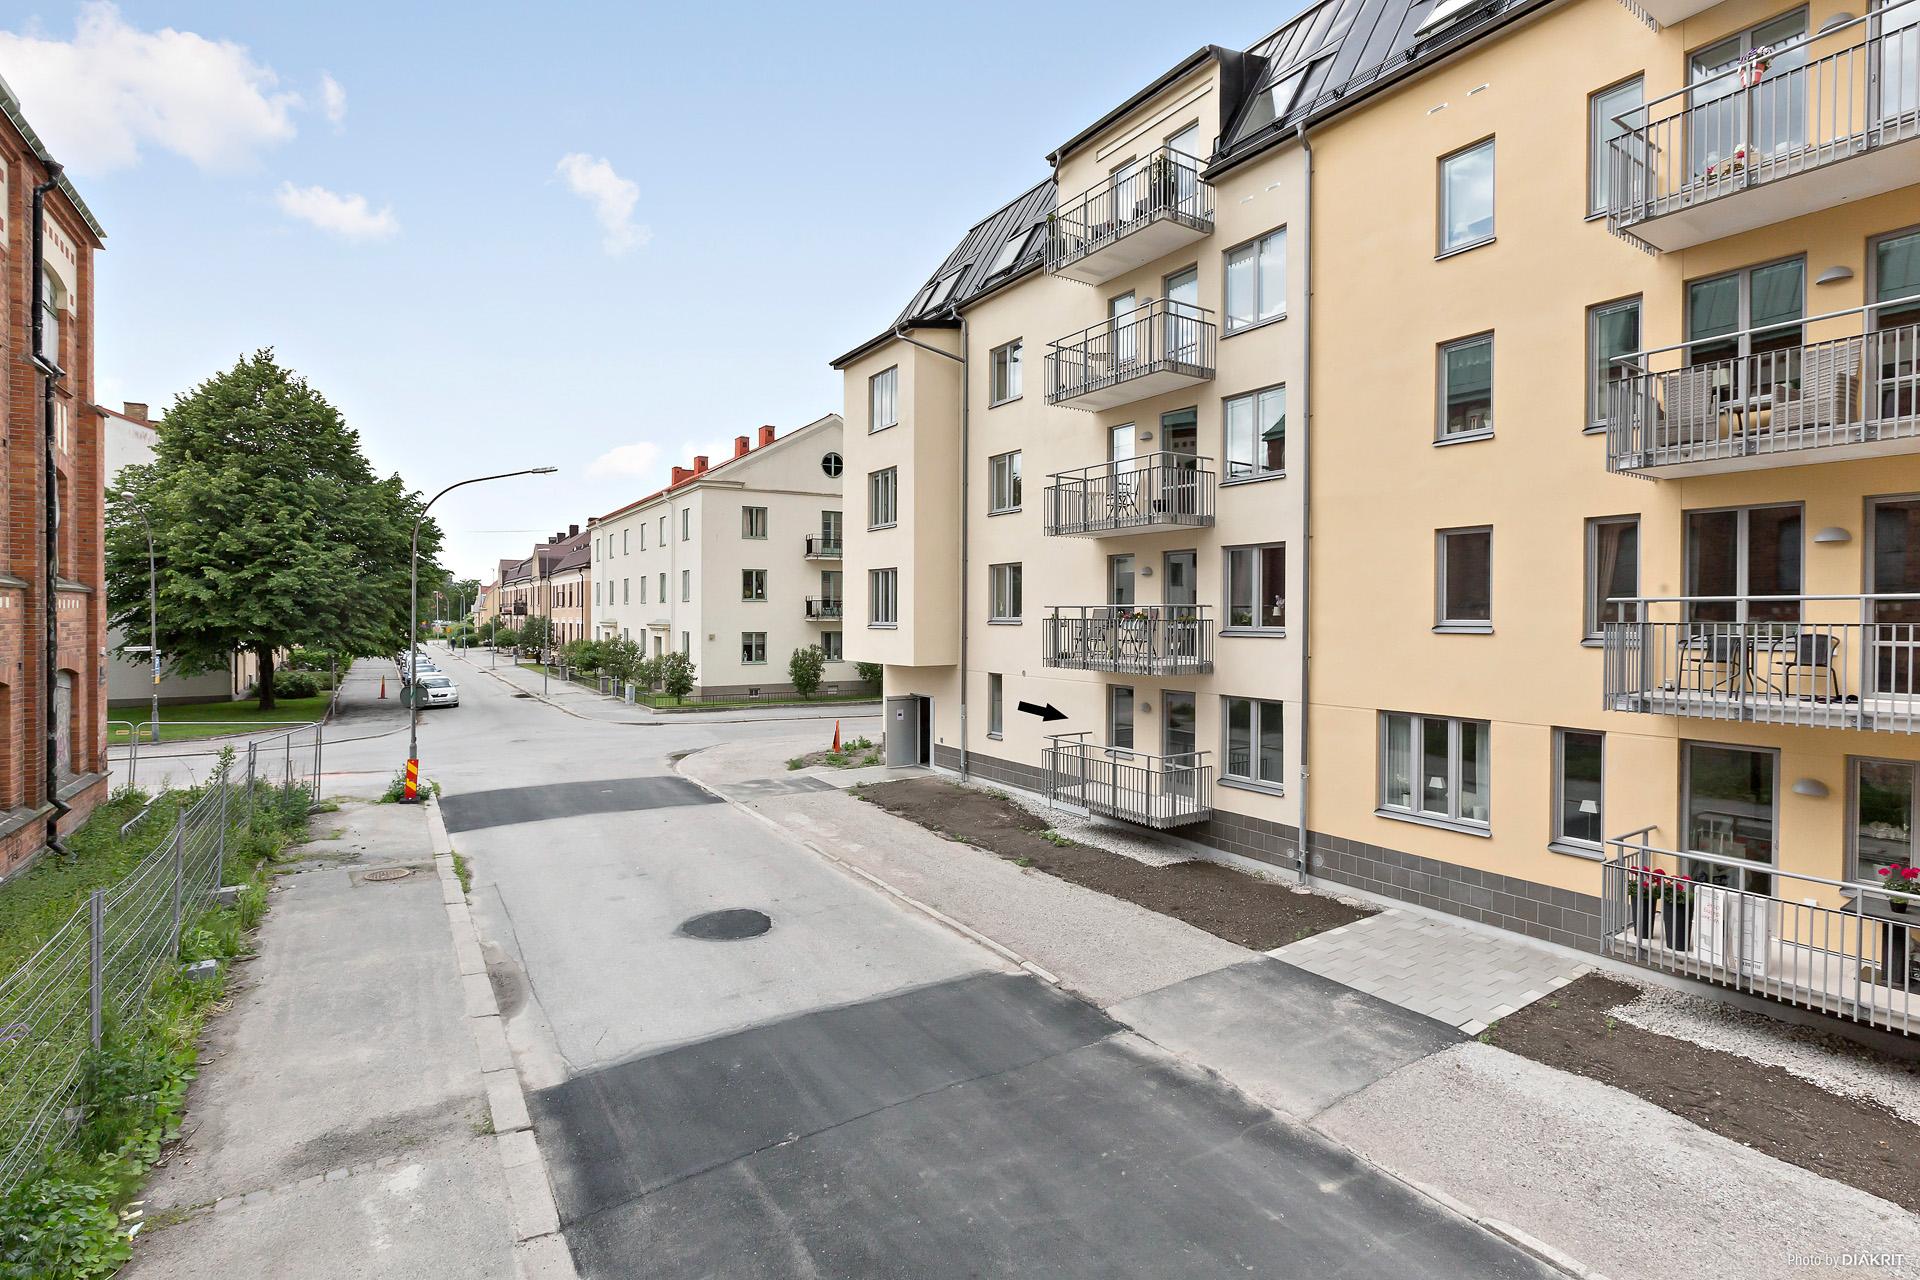 Våning 1 av 5 - balkong mot Rostagatan och stenlagd uteplats mot innergård.